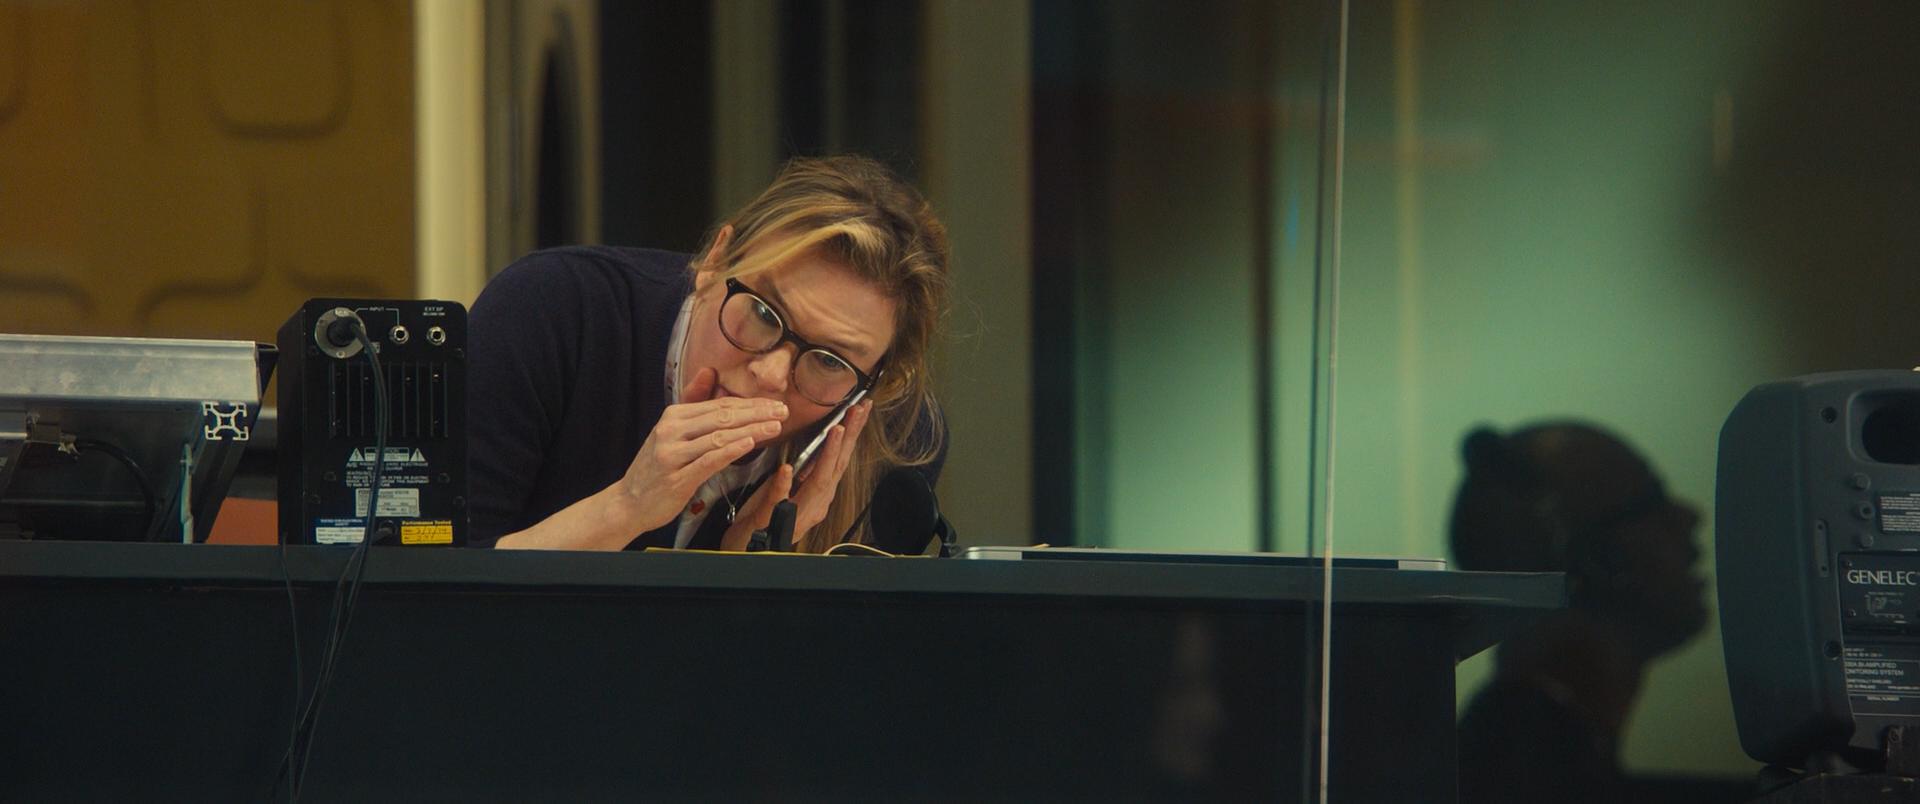 Бриджит Джонс 3 — Bridget Jones's Baby (2016)  BDRip 1080p